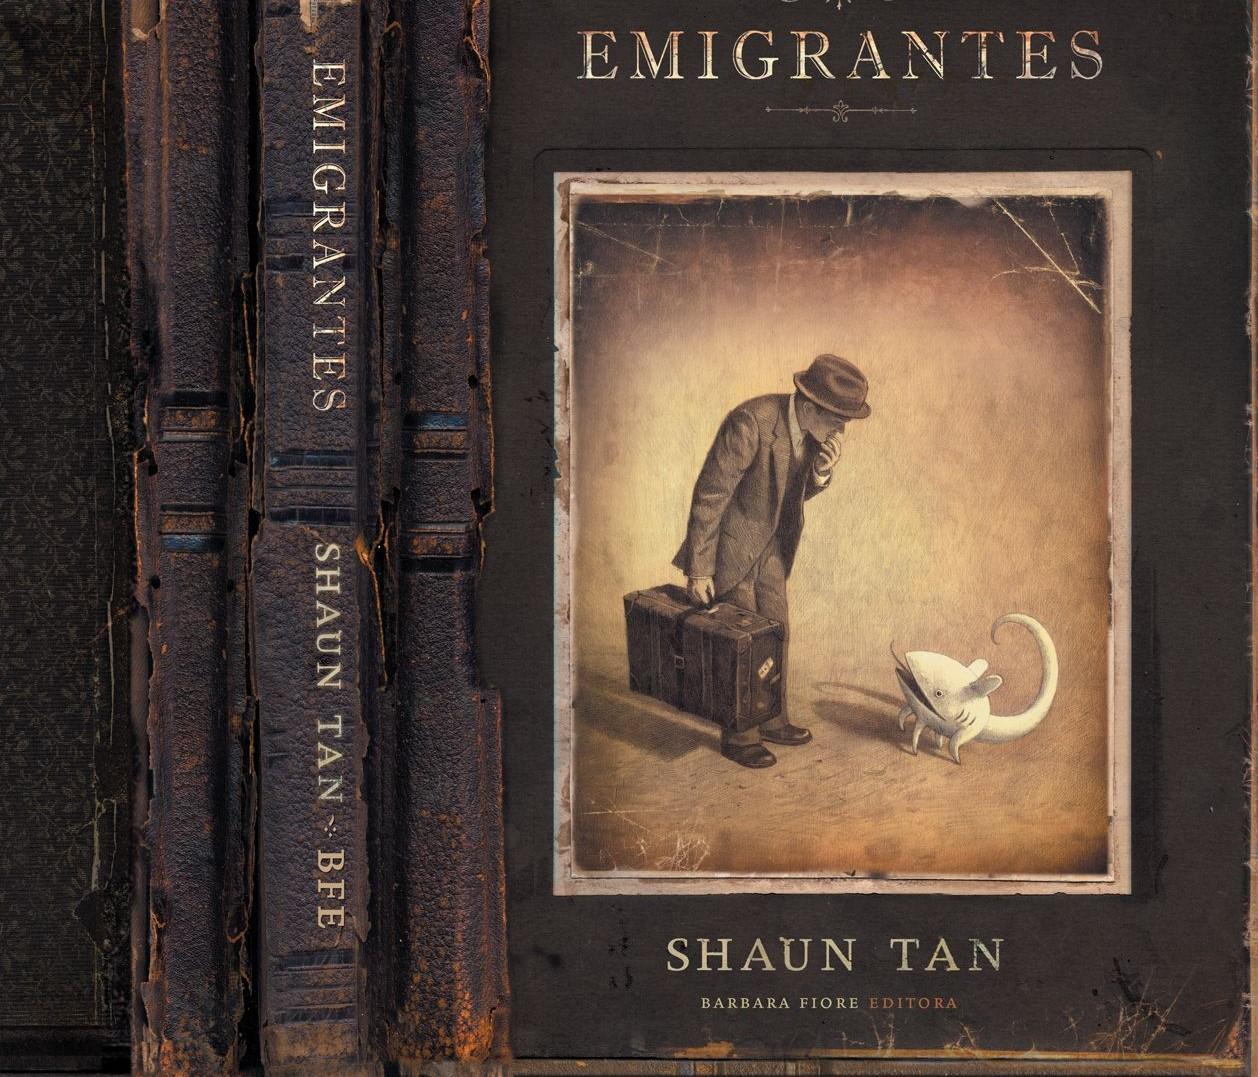 숀 탠 Shaun Tan, 도착 arrival - 판타지는 괴물의...